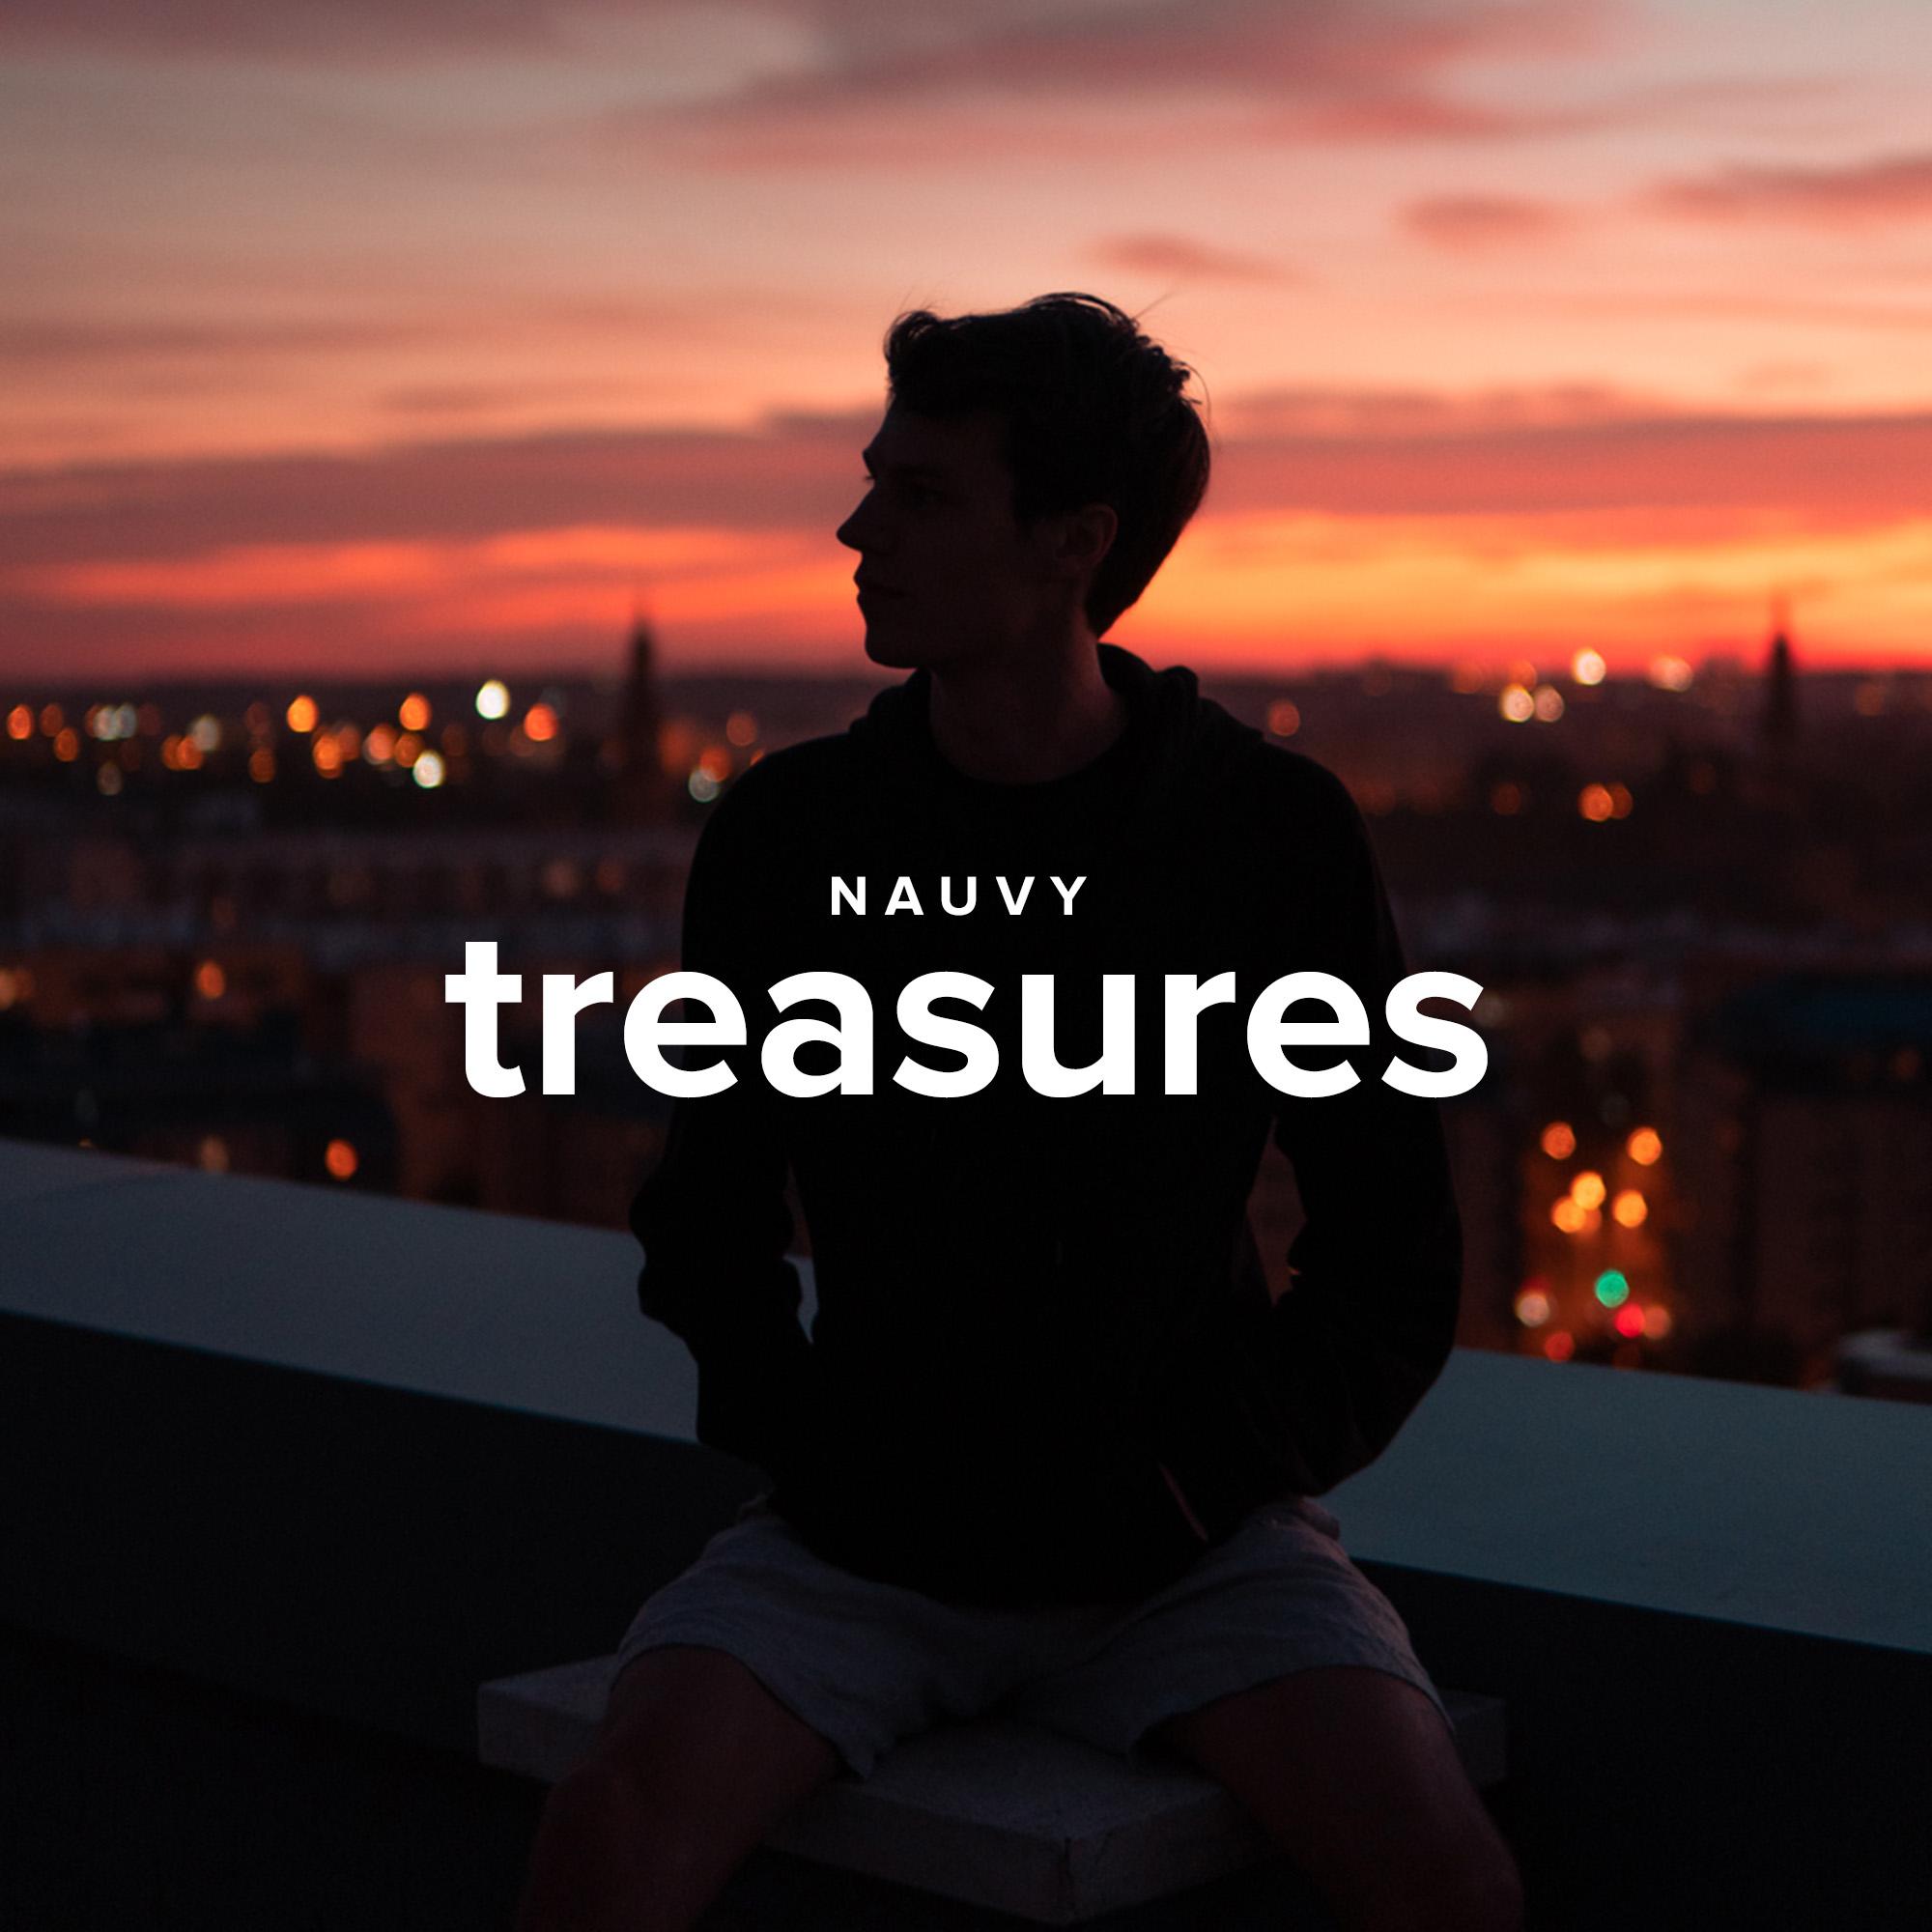 Nauvy Treasures